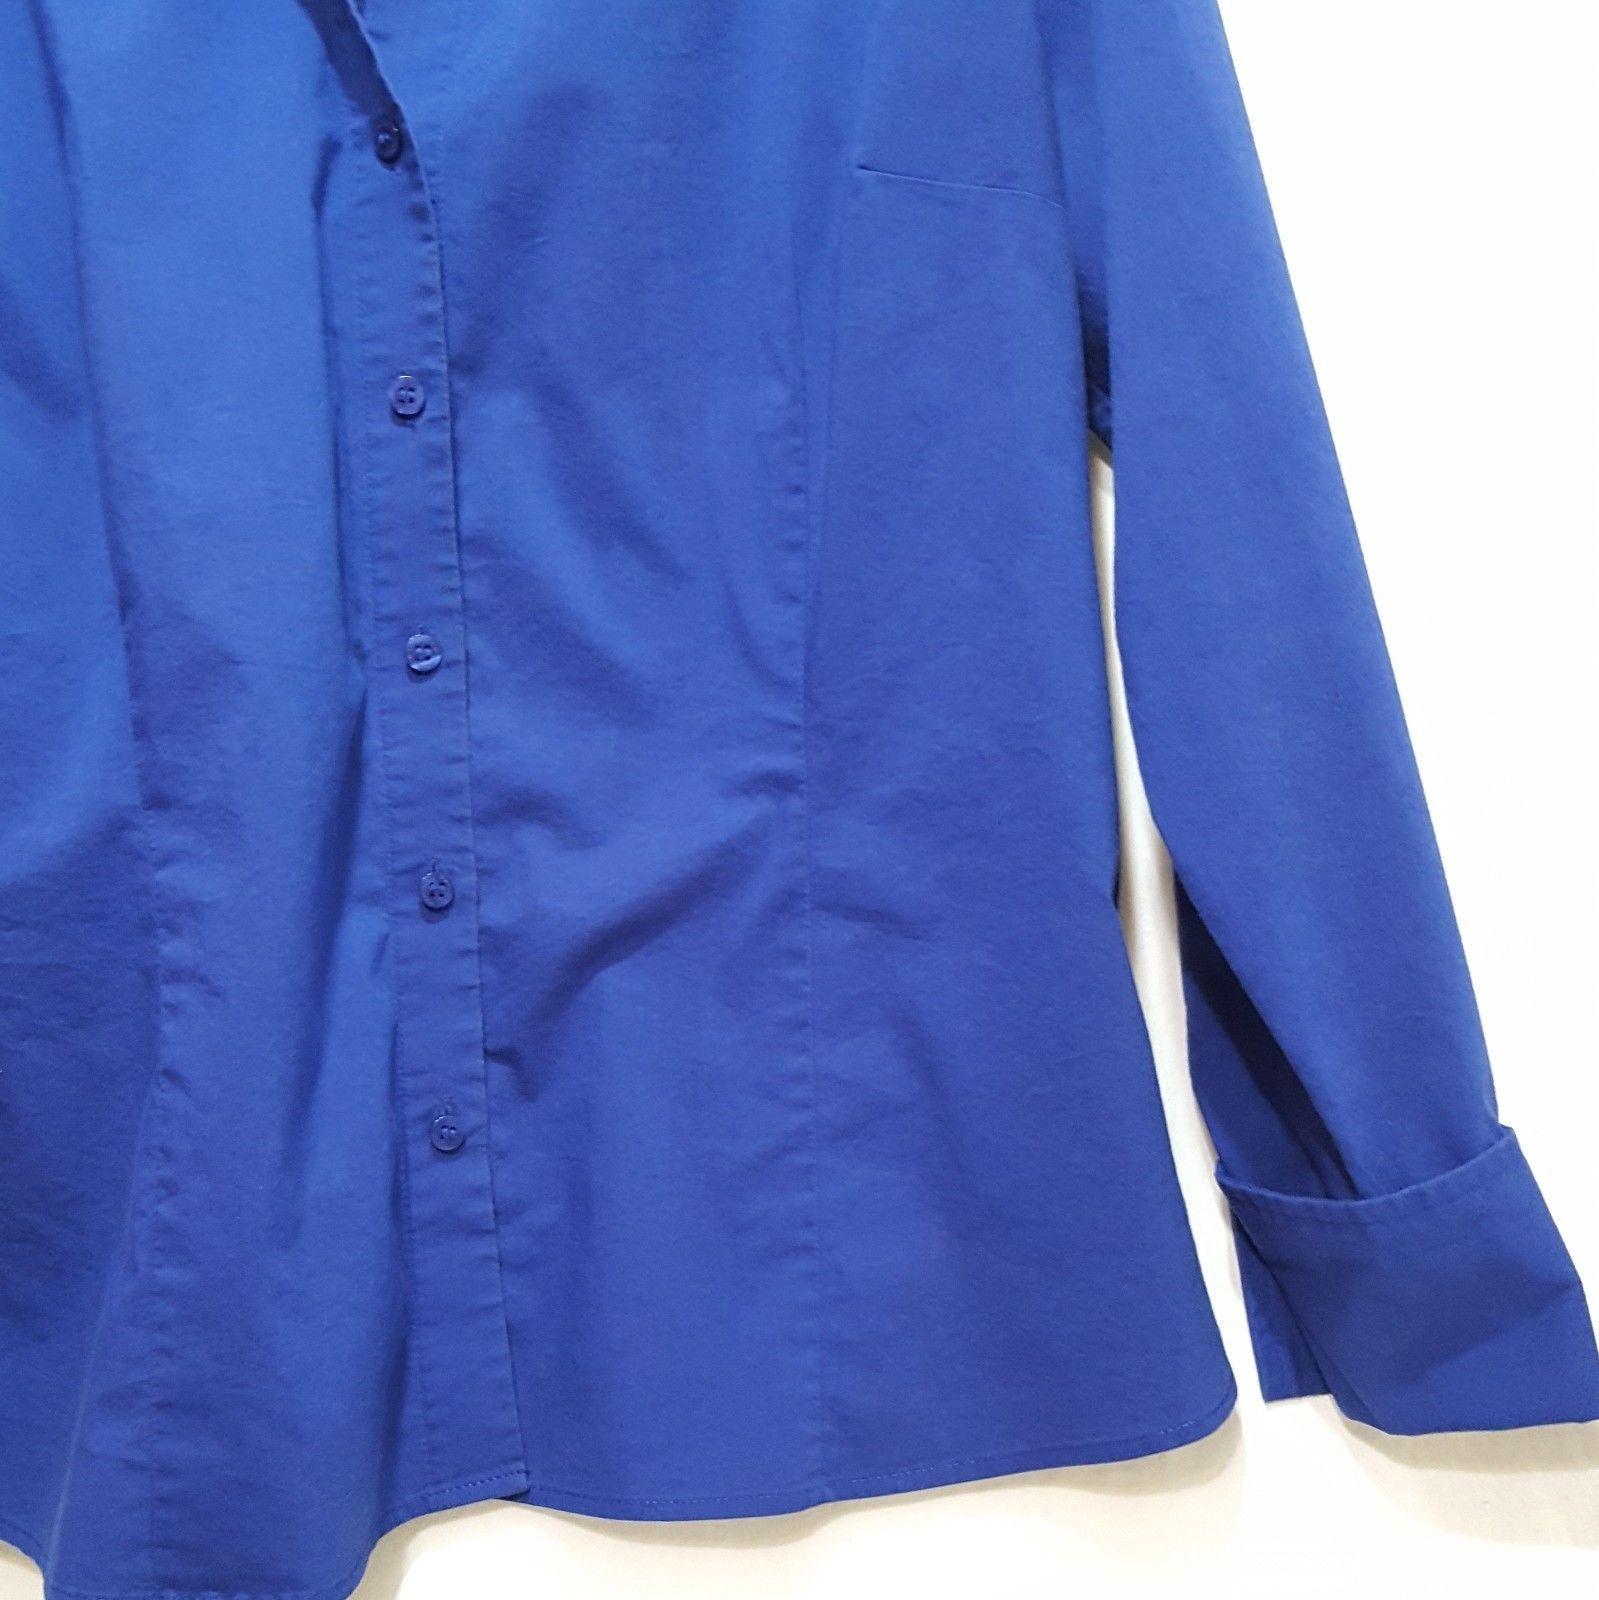 Worthington Shirt Collared Blue Long Sleeve Blouse Size 18